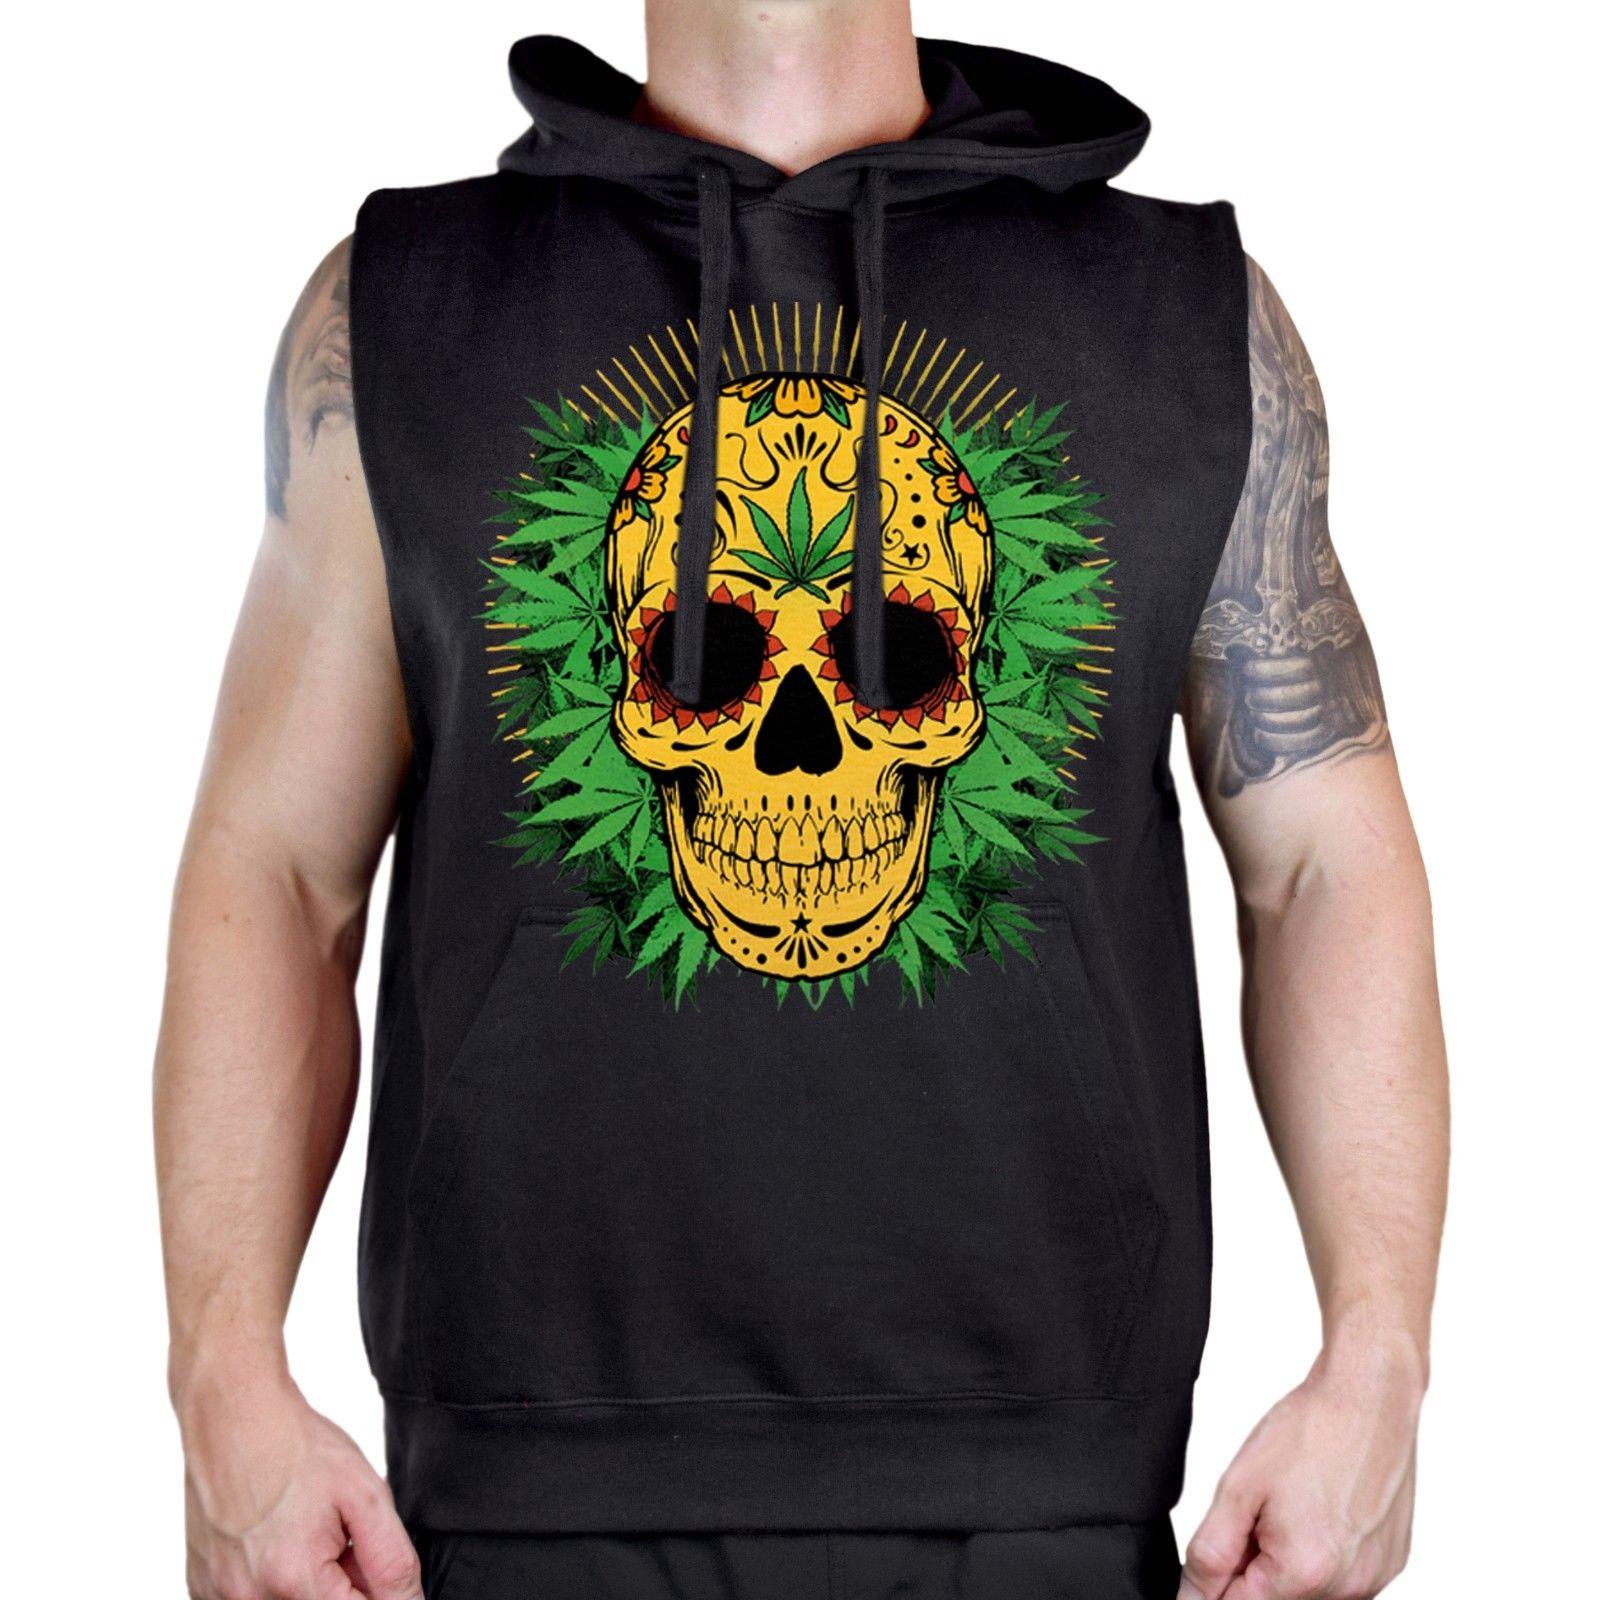 New Men's 420 Sugars Skull Weed Leaf Sleeveless Vest Hoodie Blunt Kush Marijuana 1